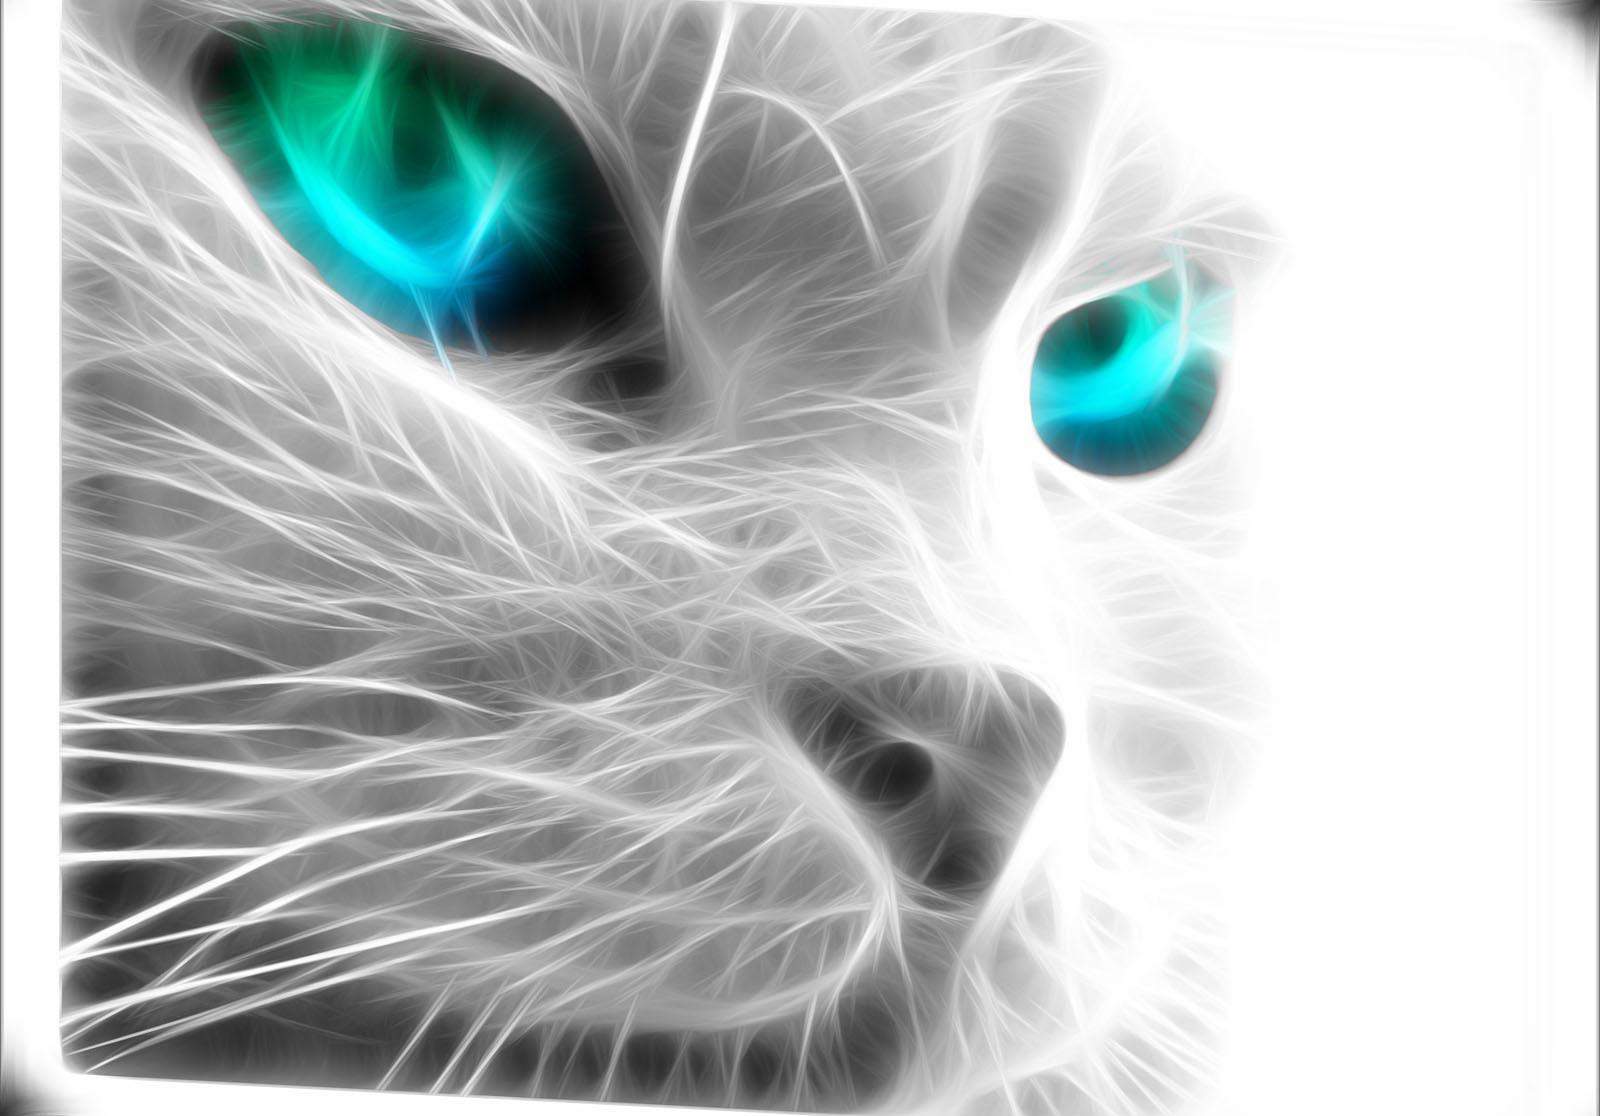 Zdarma zblízka kočička obrázky